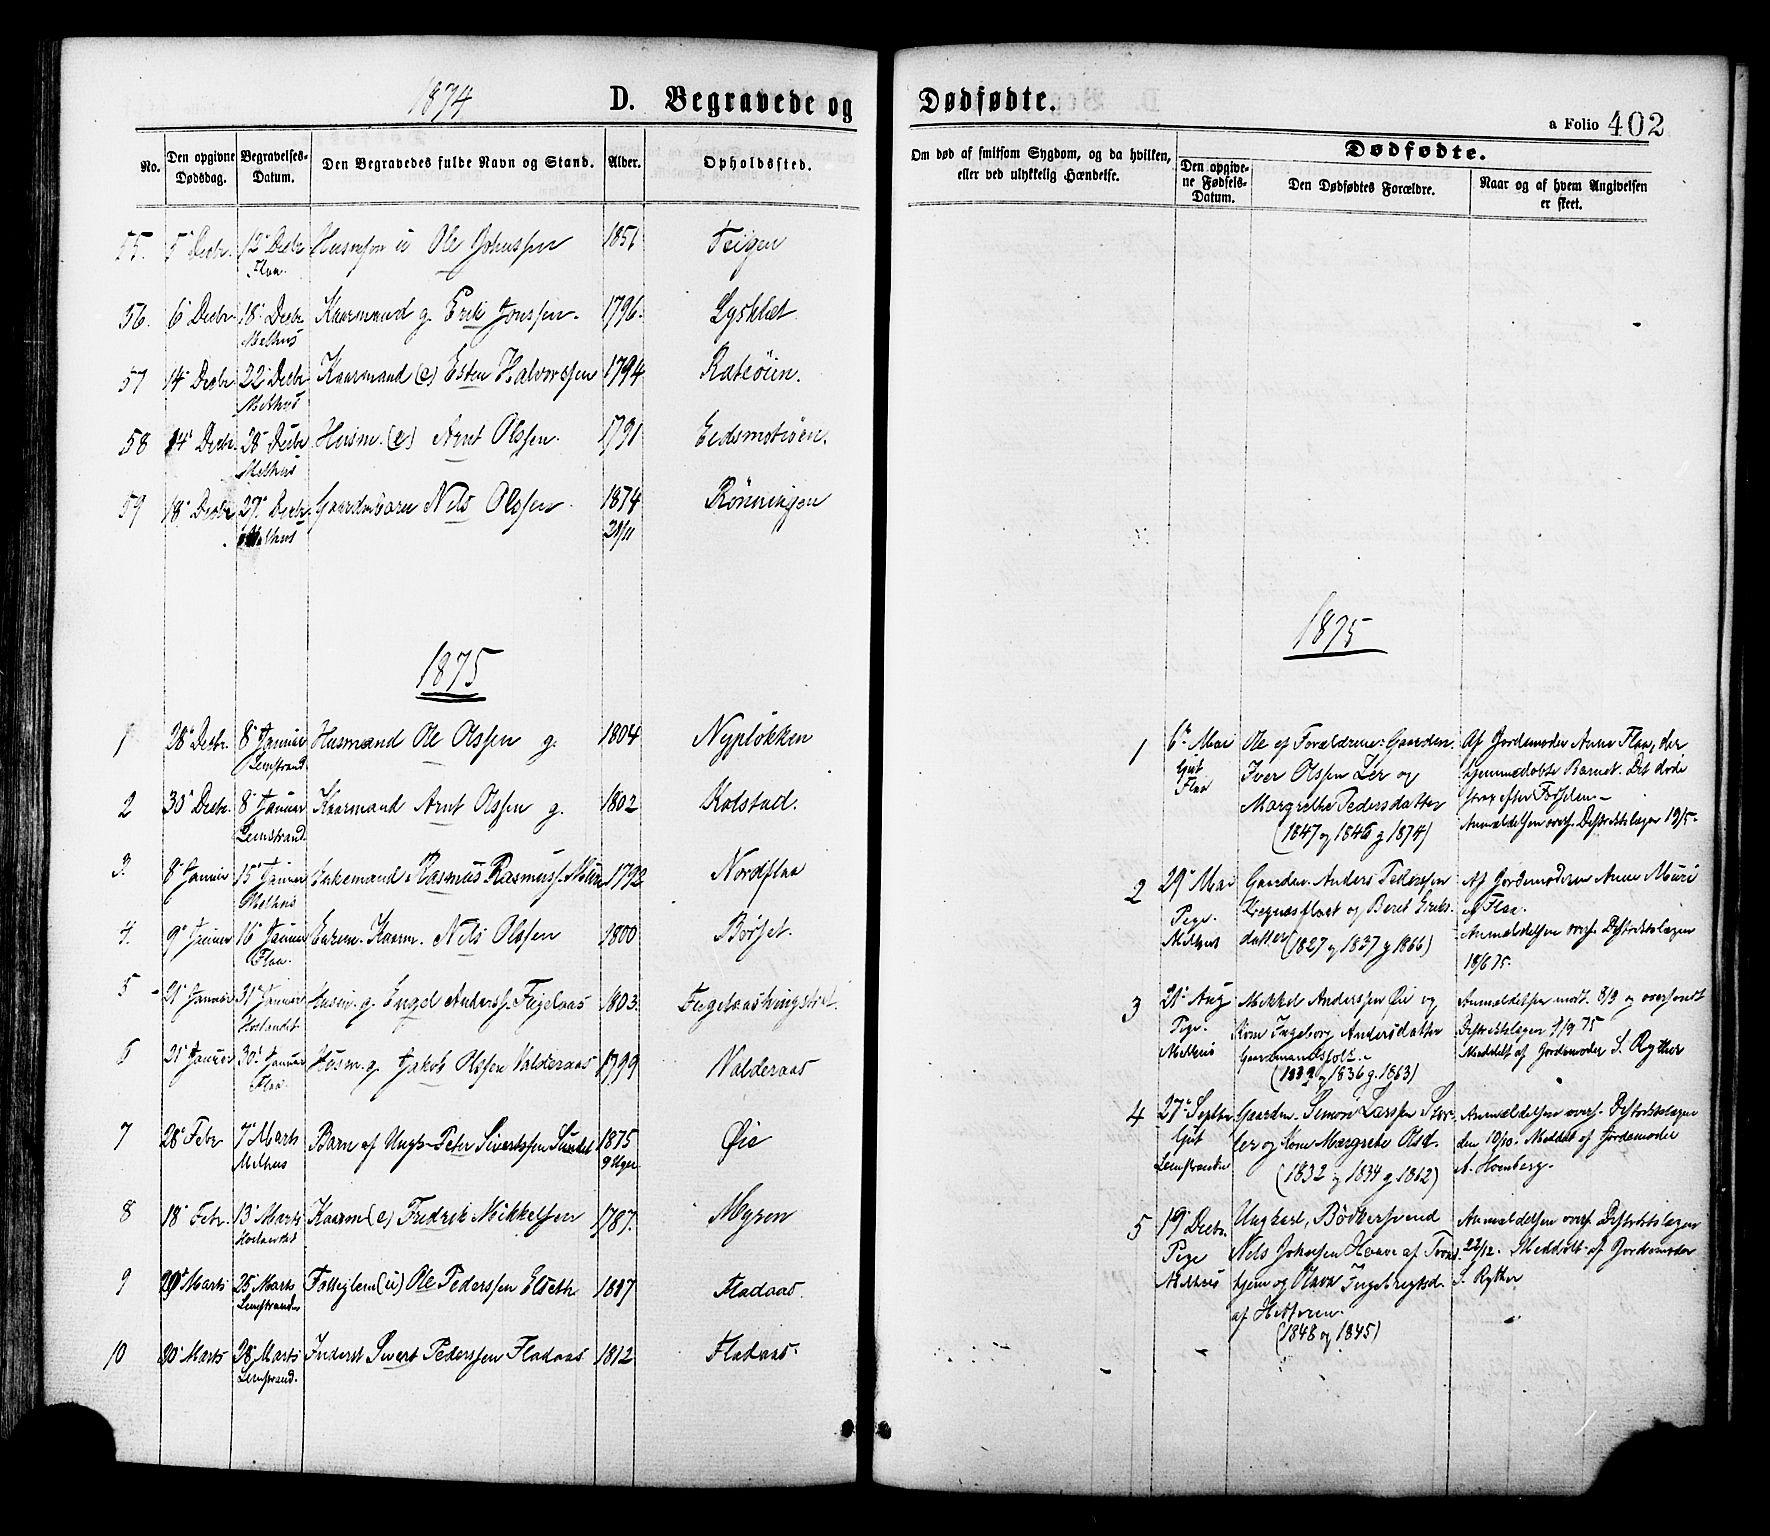 SAT, Ministerialprotokoller, klokkerbøker og fødselsregistre - Sør-Trøndelag, 691/L1079: Ministerialbok nr. 691A11, 1873-1886, s. 402